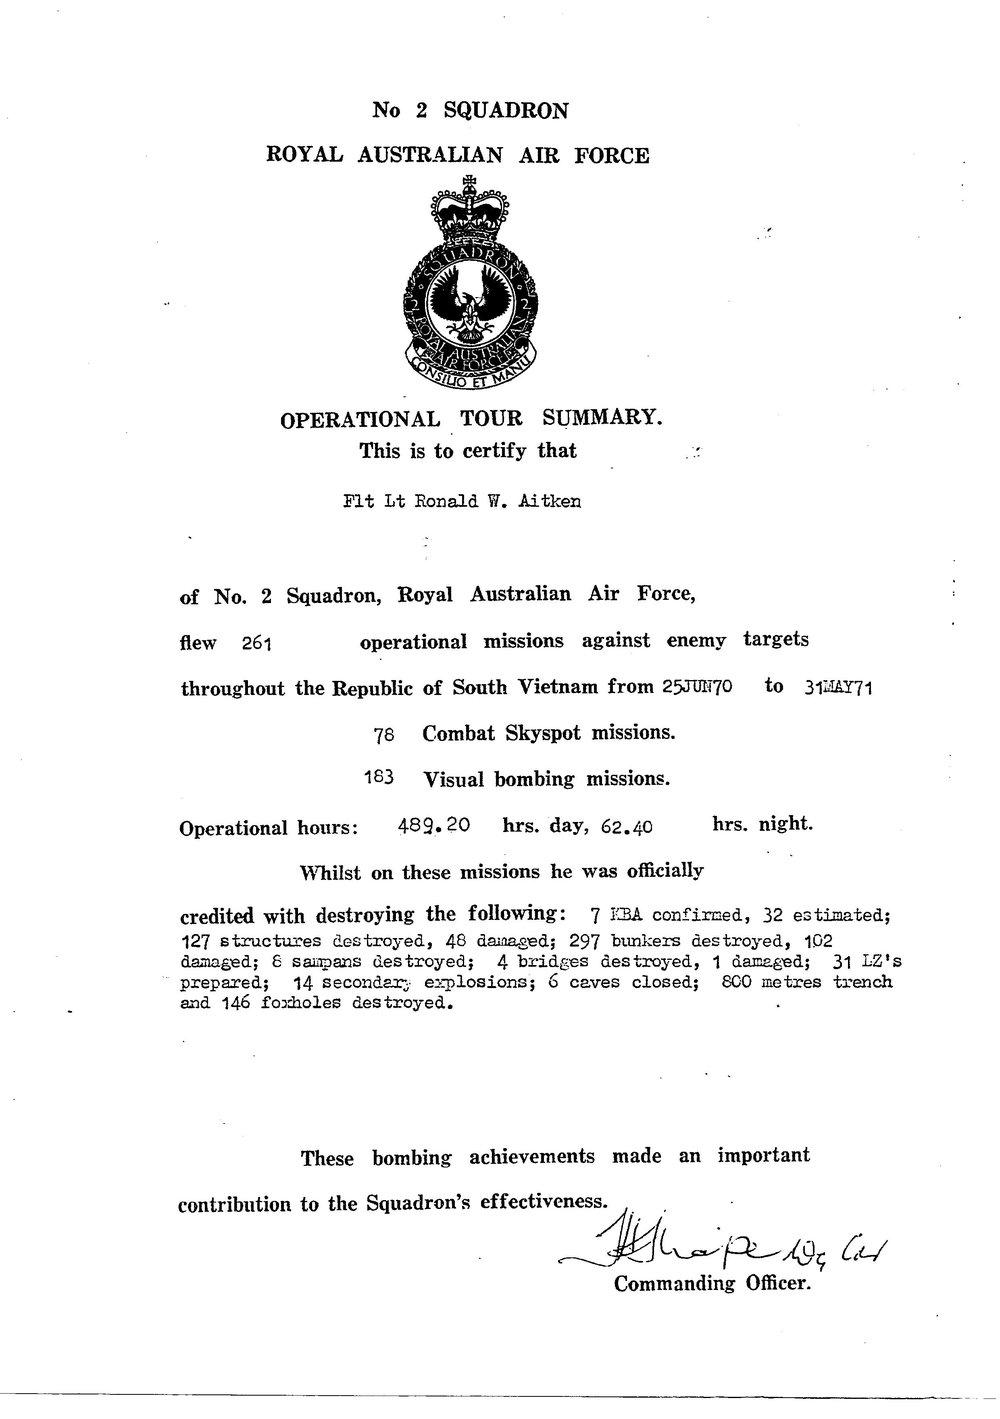 Vietrnam Operational Tour Summaries, 2 Sqn. 002.jpg